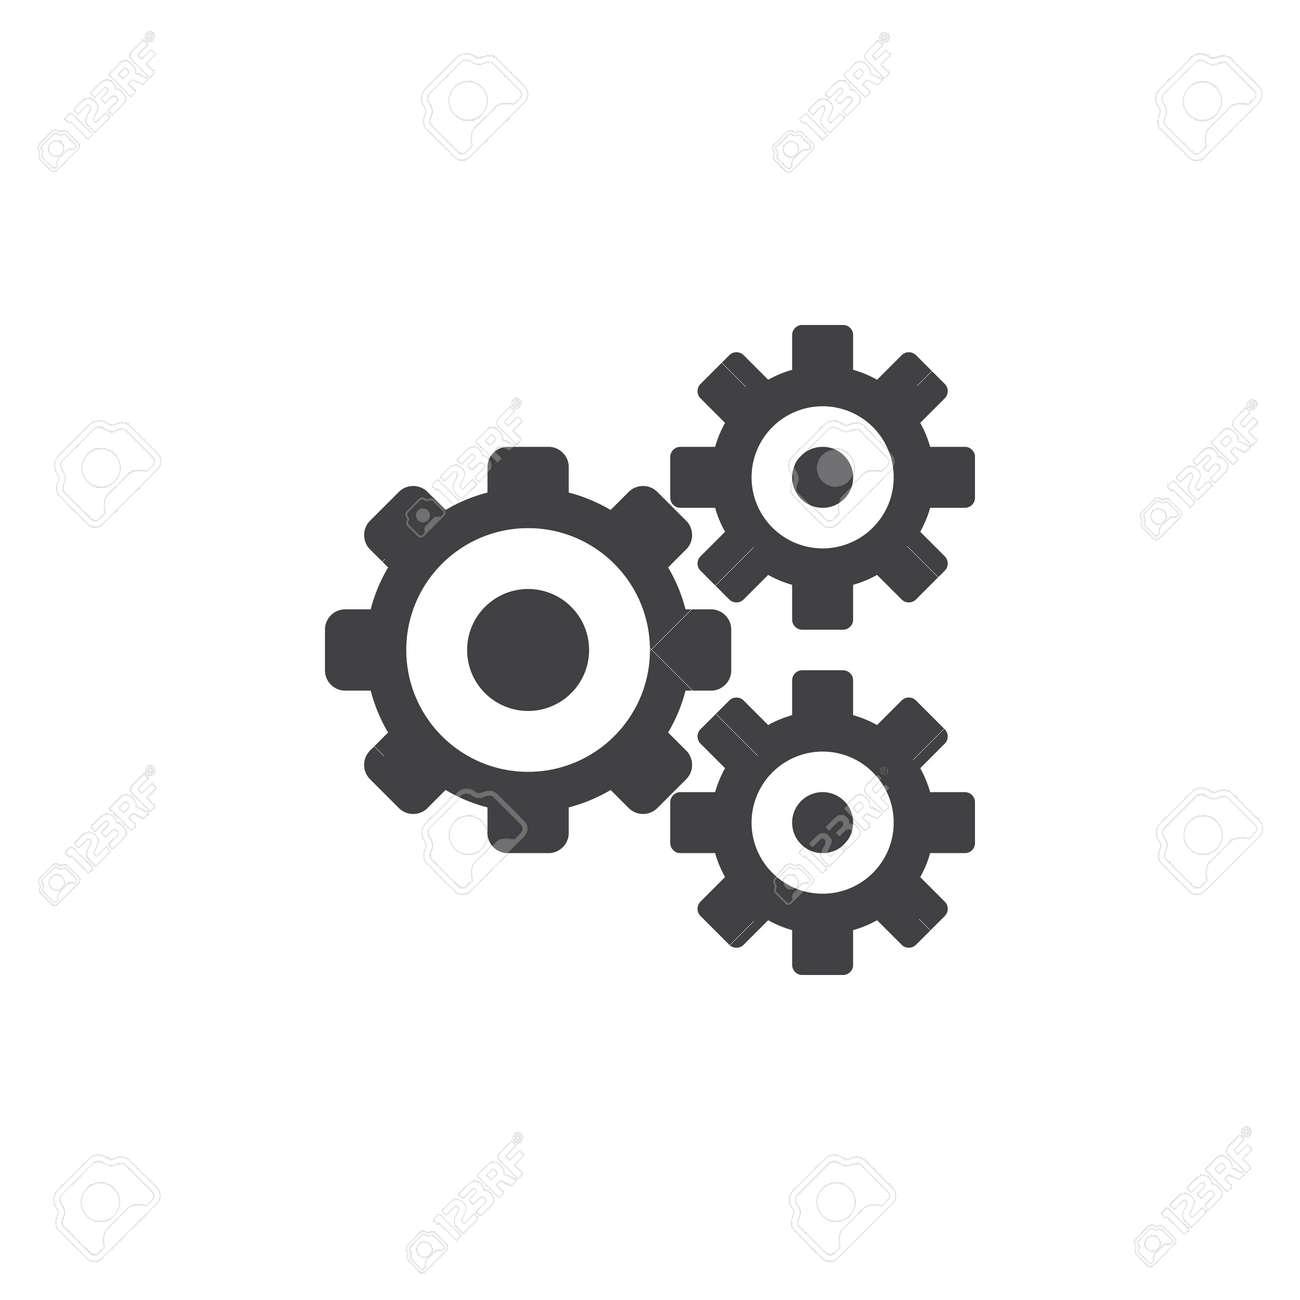 Einstellungen symbol vektor zahnrad solides logo illustration einstellungen symbol vektor zahnrad solides logo illustration zahnrad piktogramm auf weiem isoliert standard thecheapjerseys Image collections